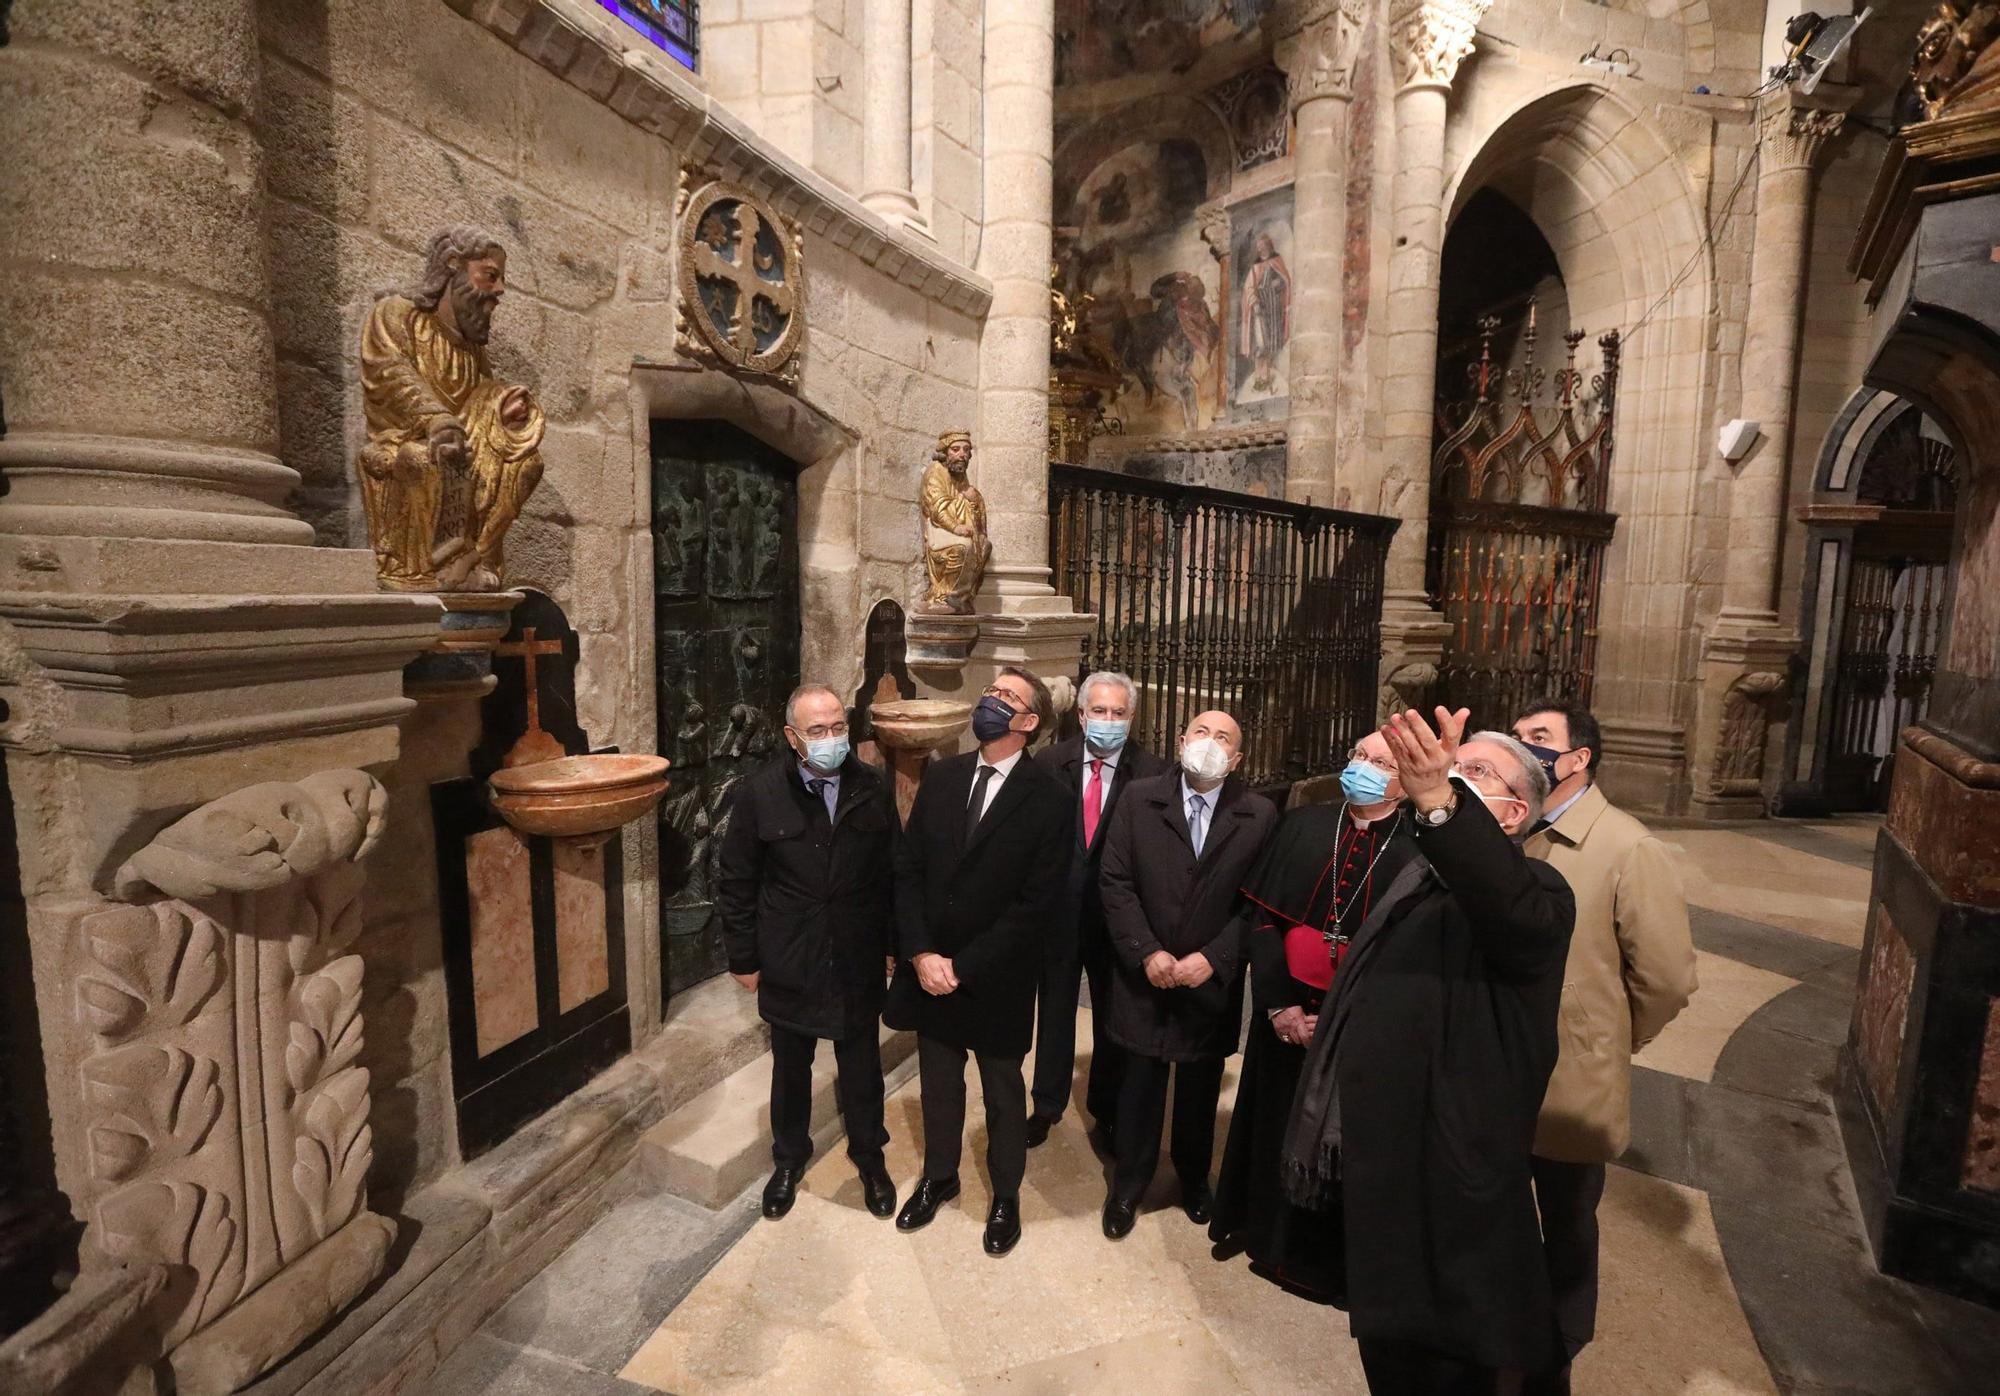 La basílica vuelve a relucir después de casi una década en obras